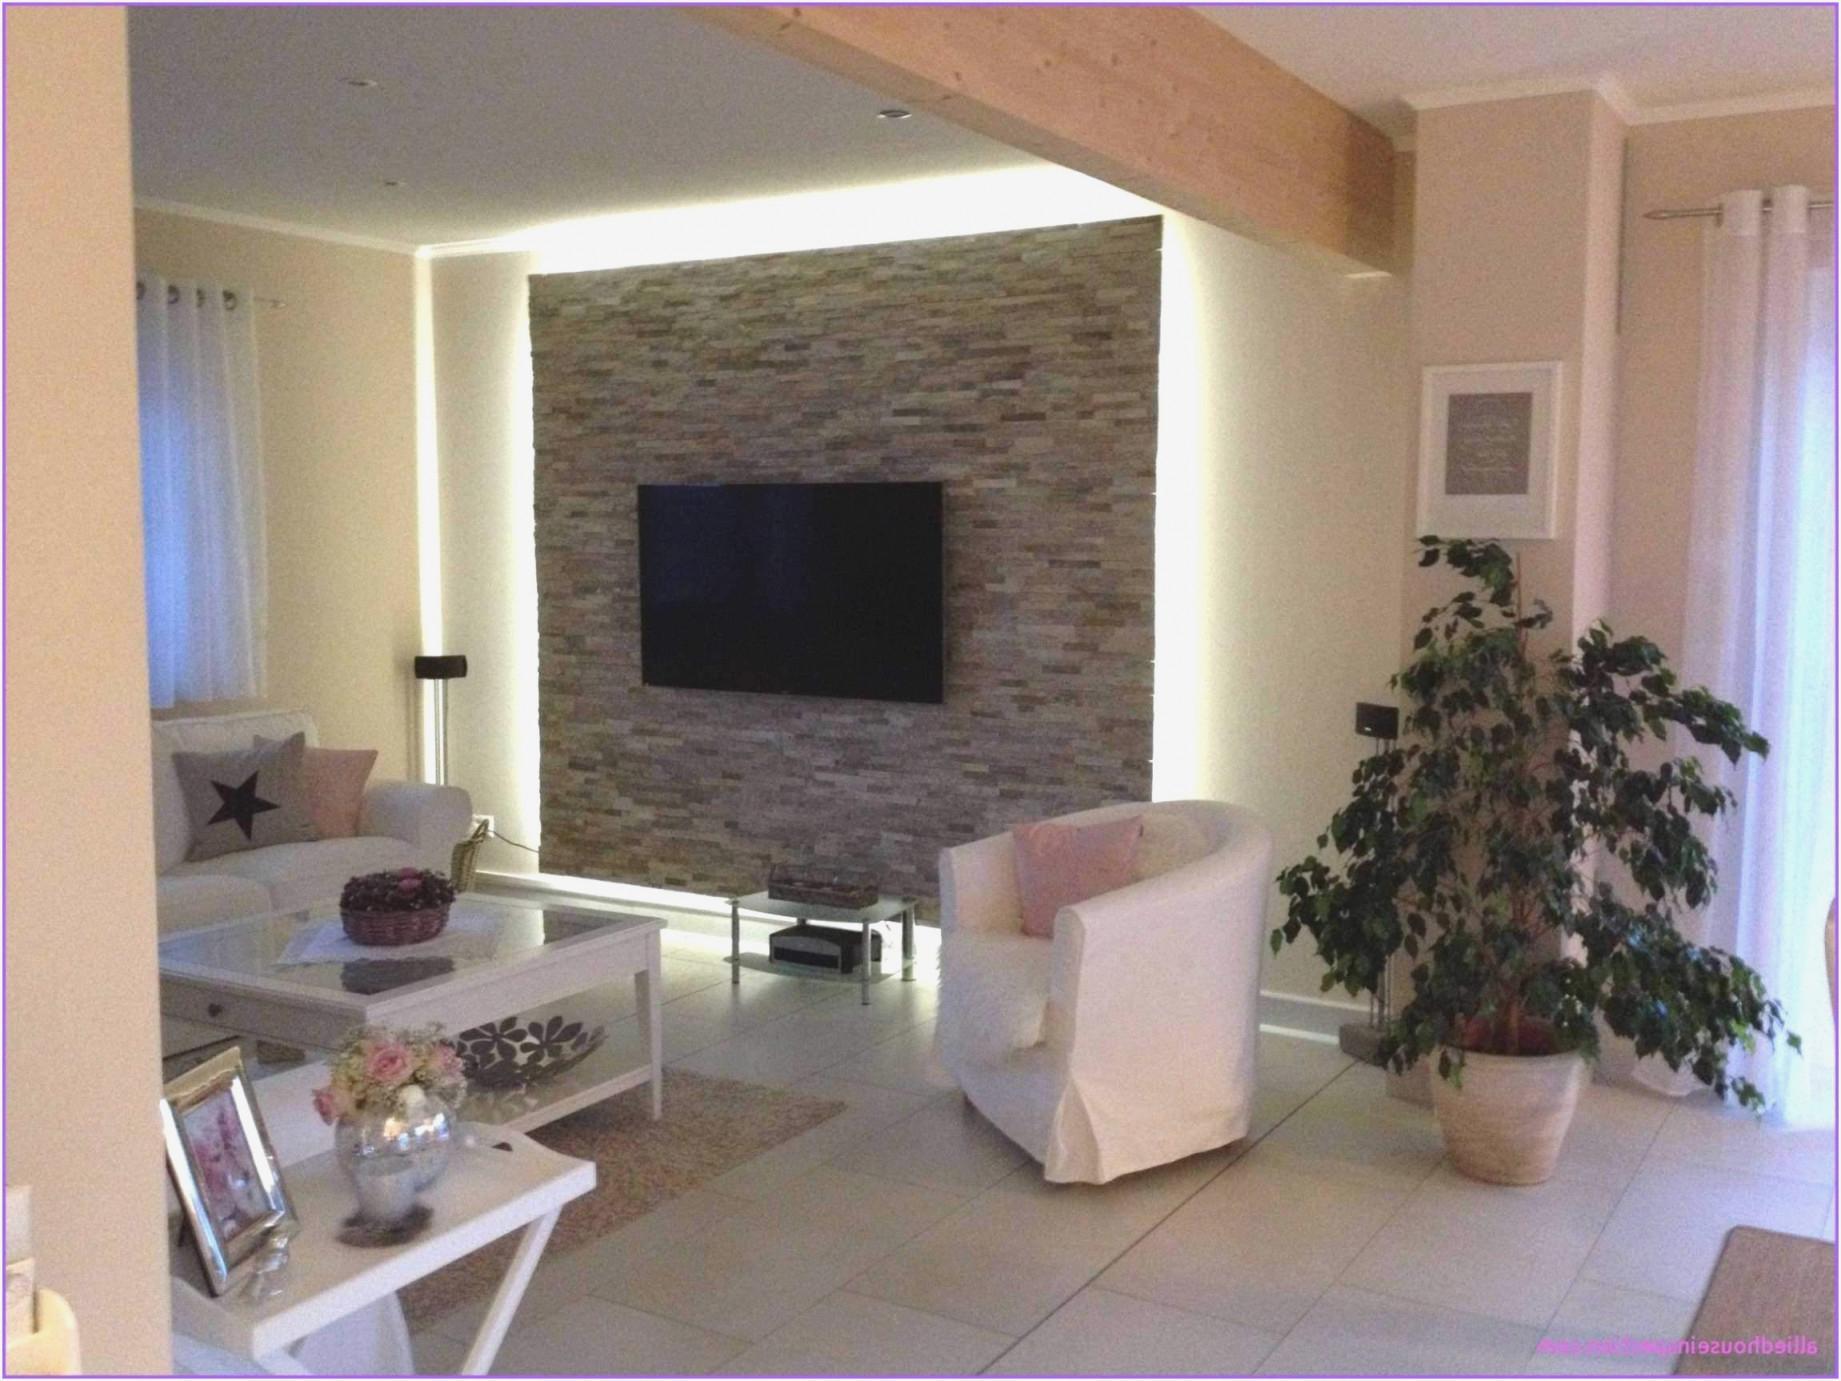 30 Qm Wohnzimmer Einrichten  Wohnzimmer  Traumhaus von Wohnzimmer 30 Qm Einrichten Photo